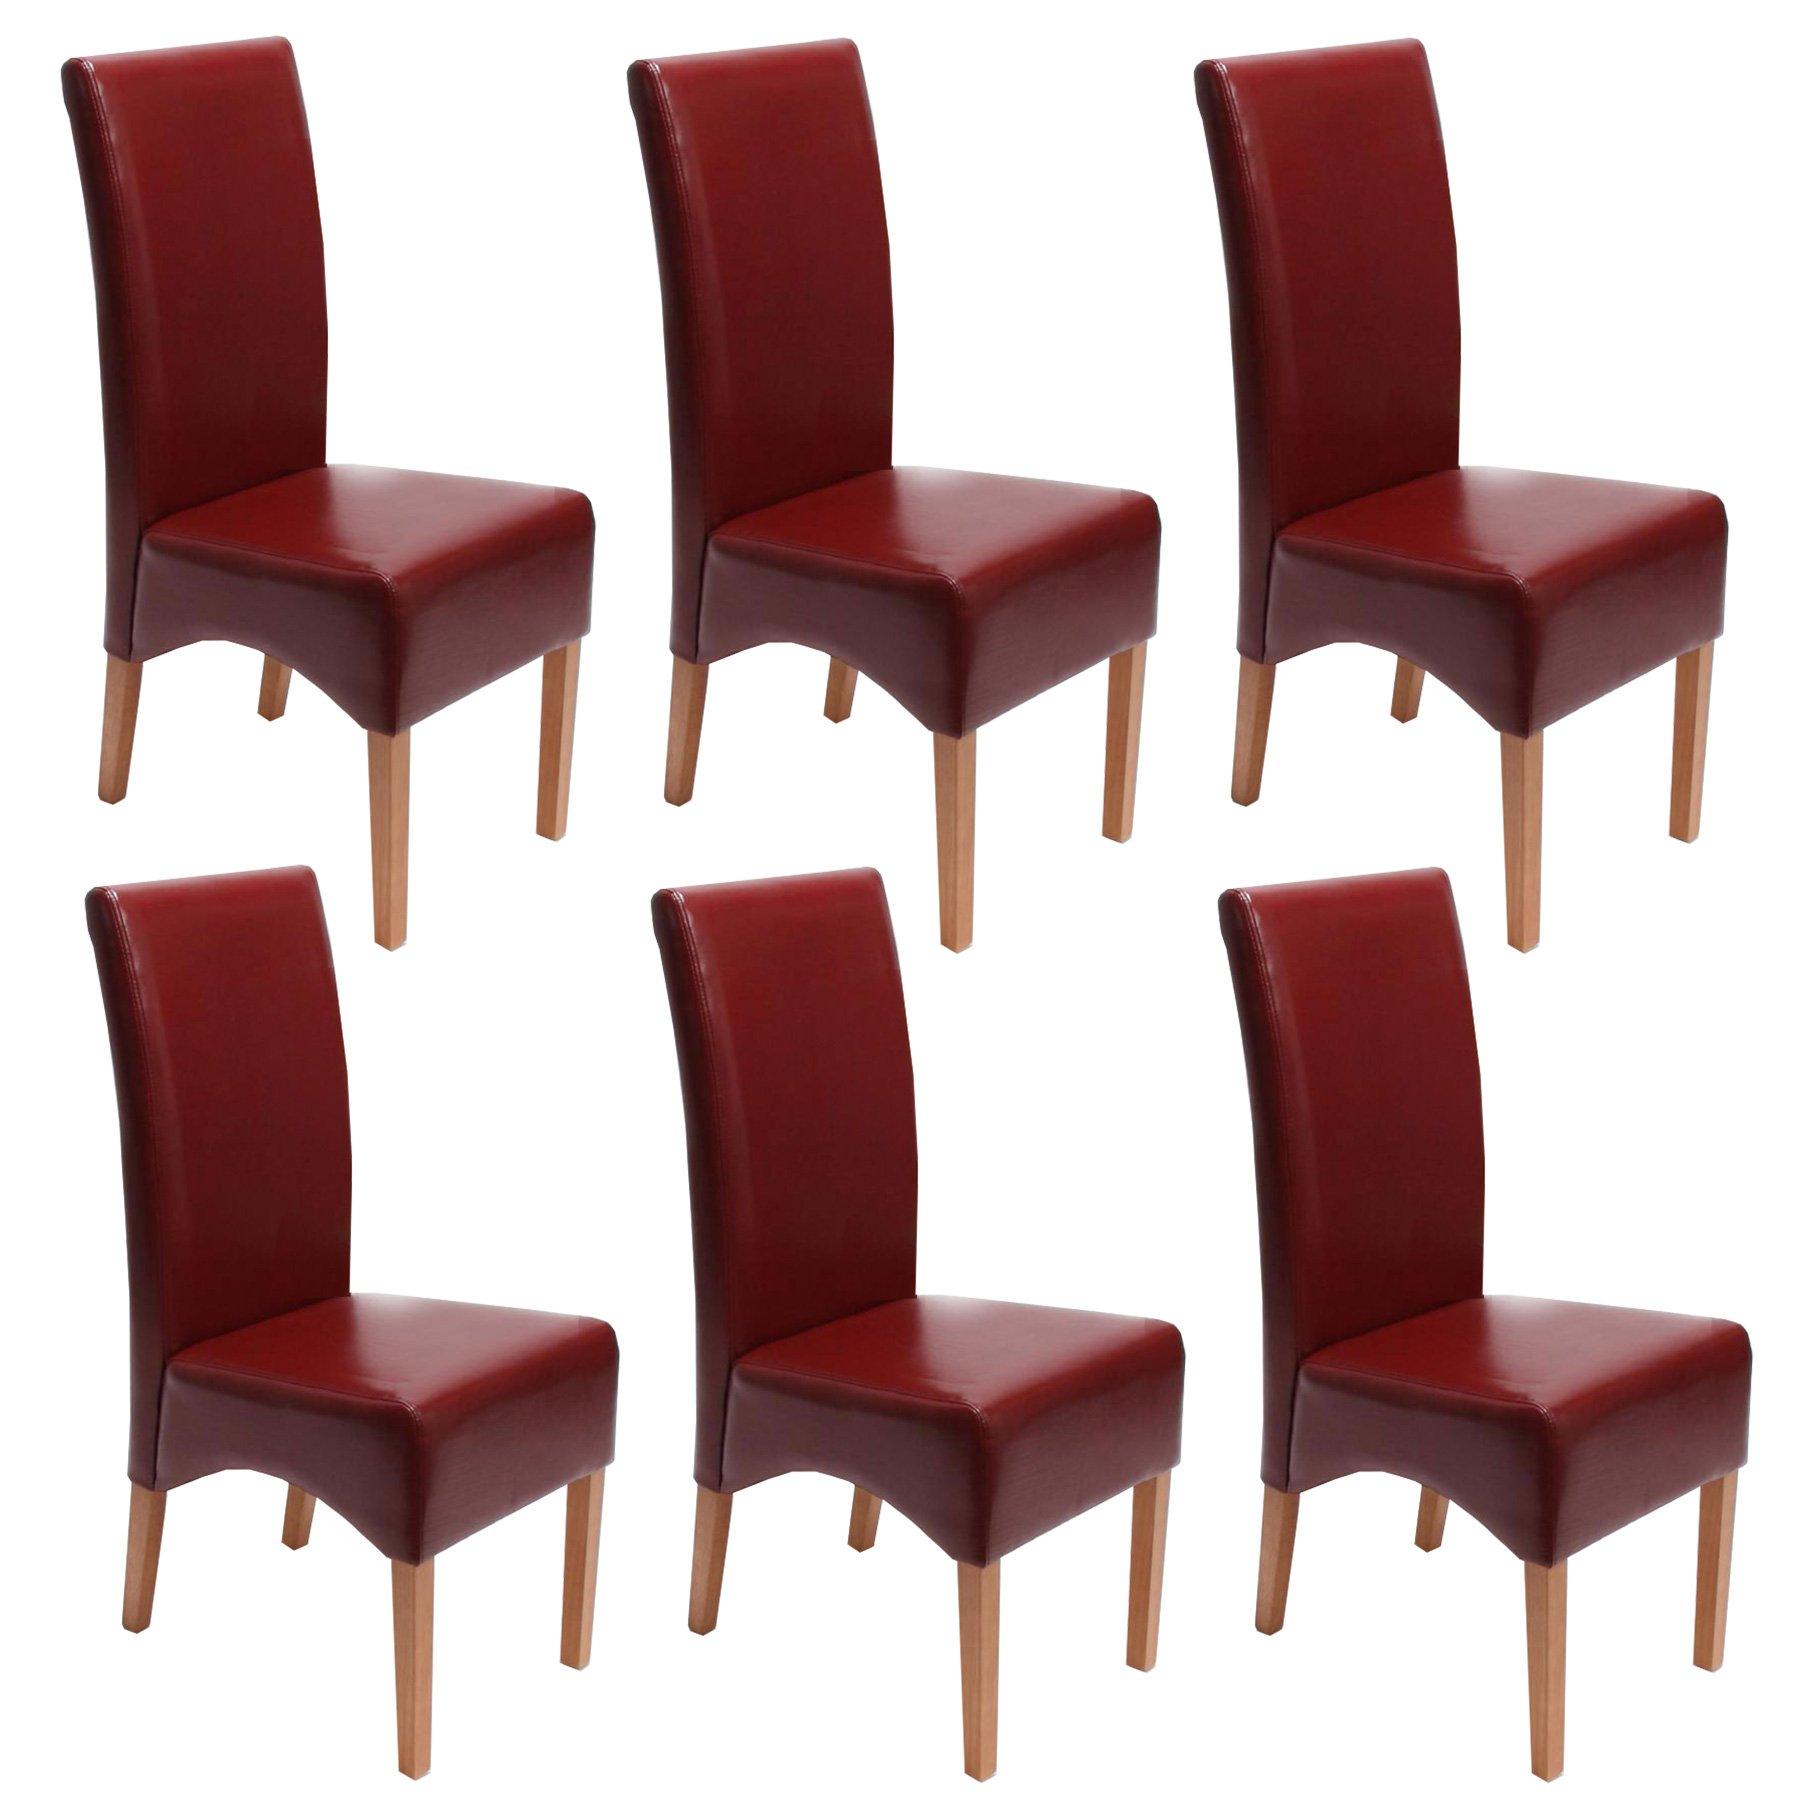 Lote 6 sillas de comedor latina en piel genuina rojo y for Sillas de comedor tapizadas en piel